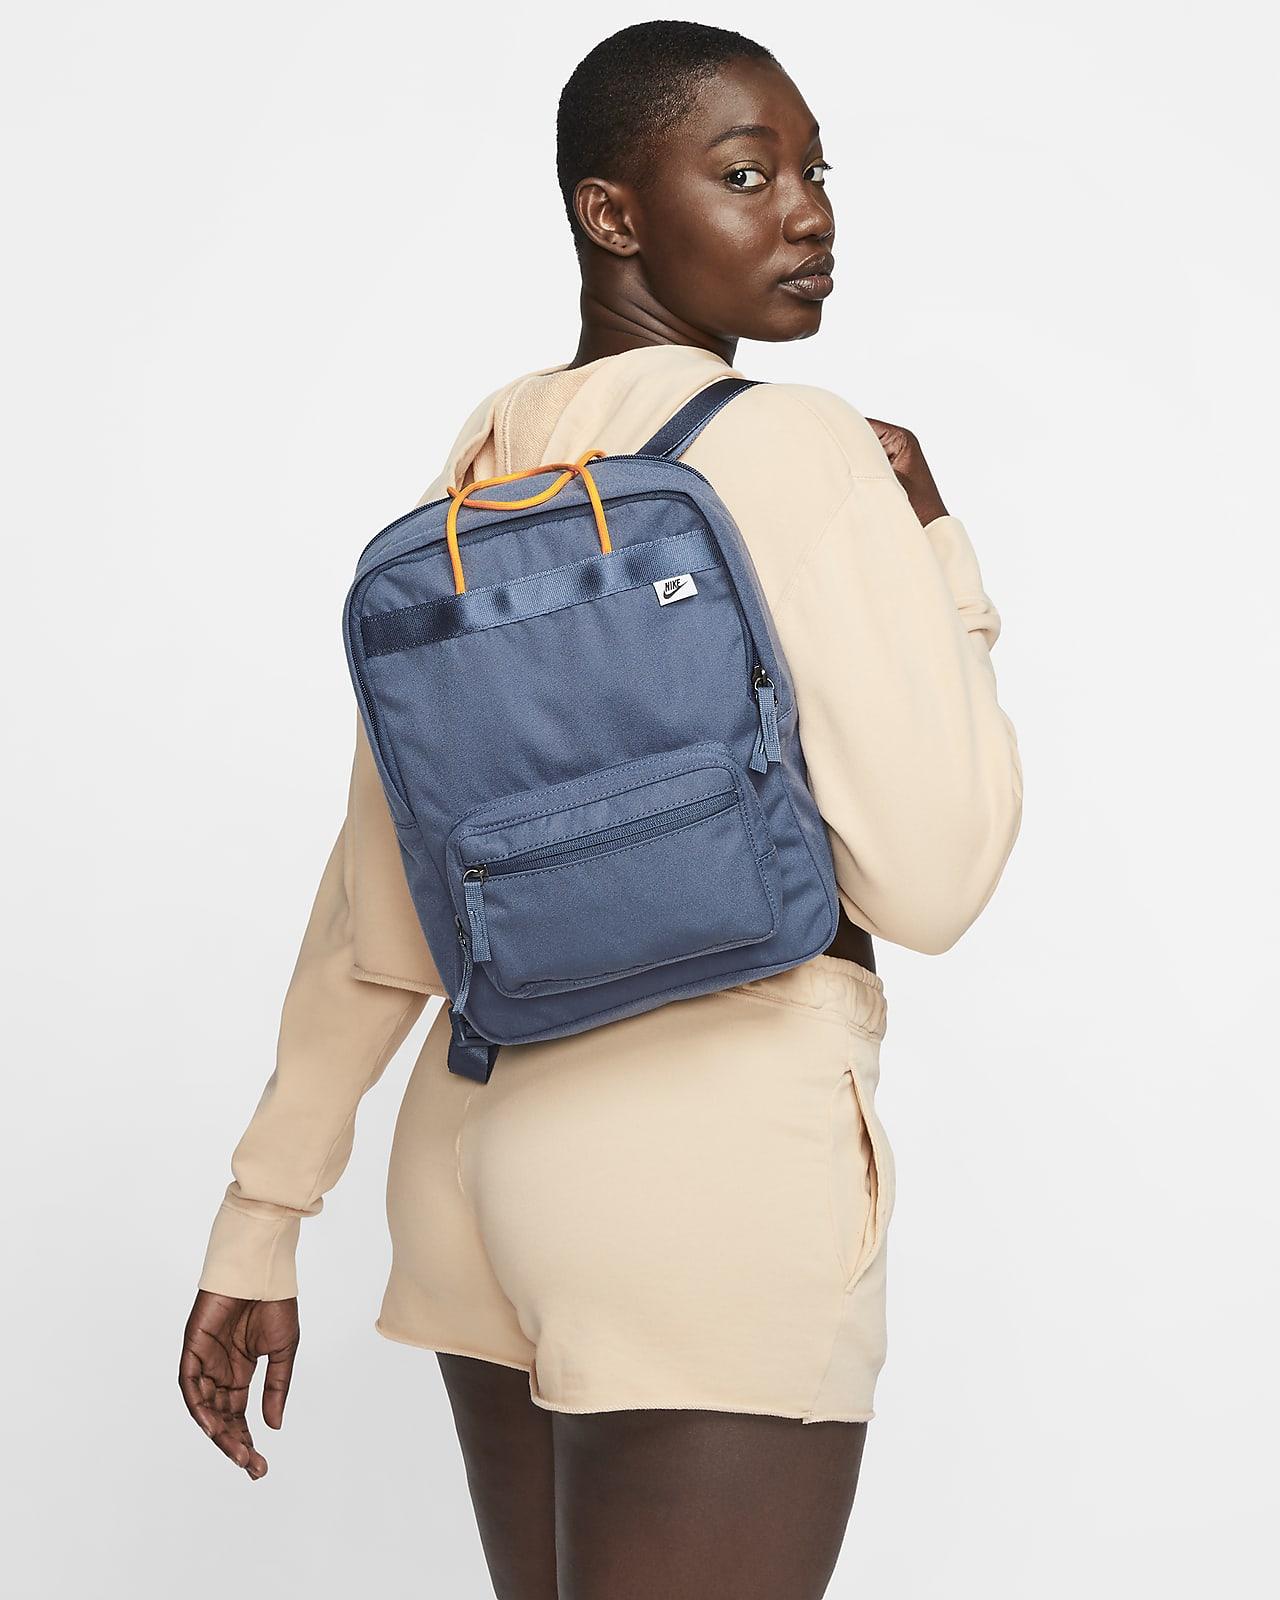 Nike Tanjun Premium Backpack